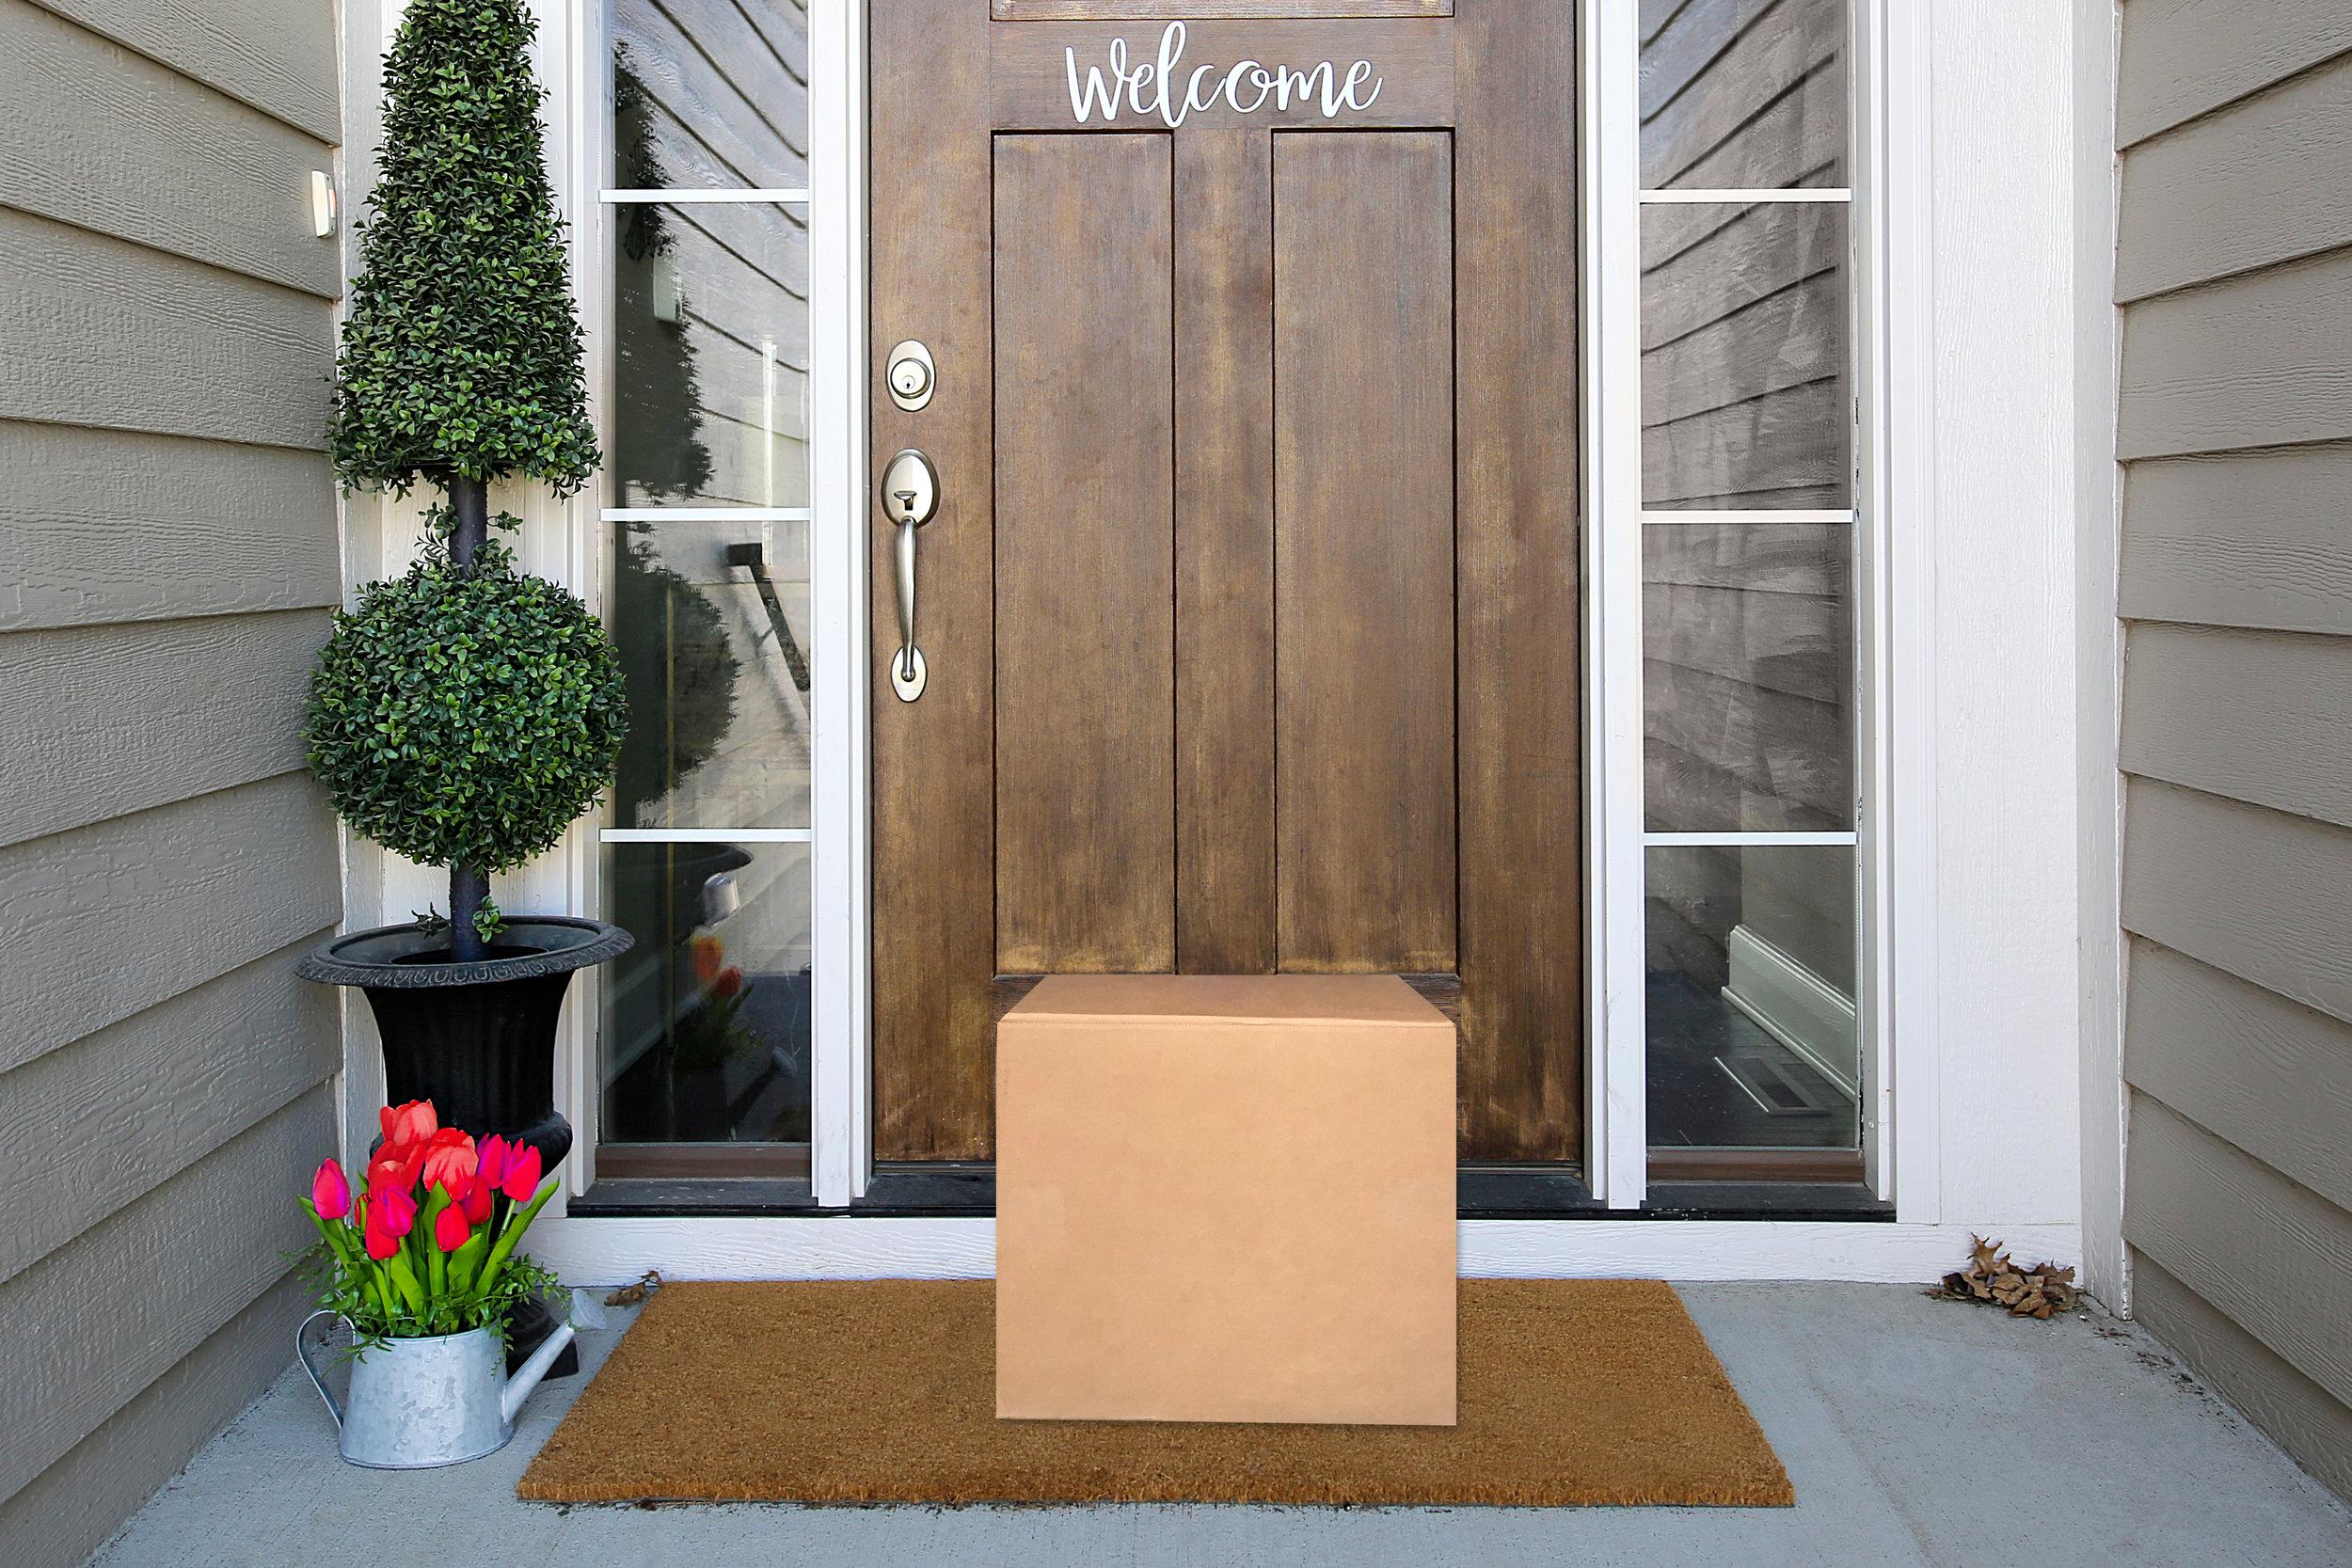 frontdoorwelcome.jpg